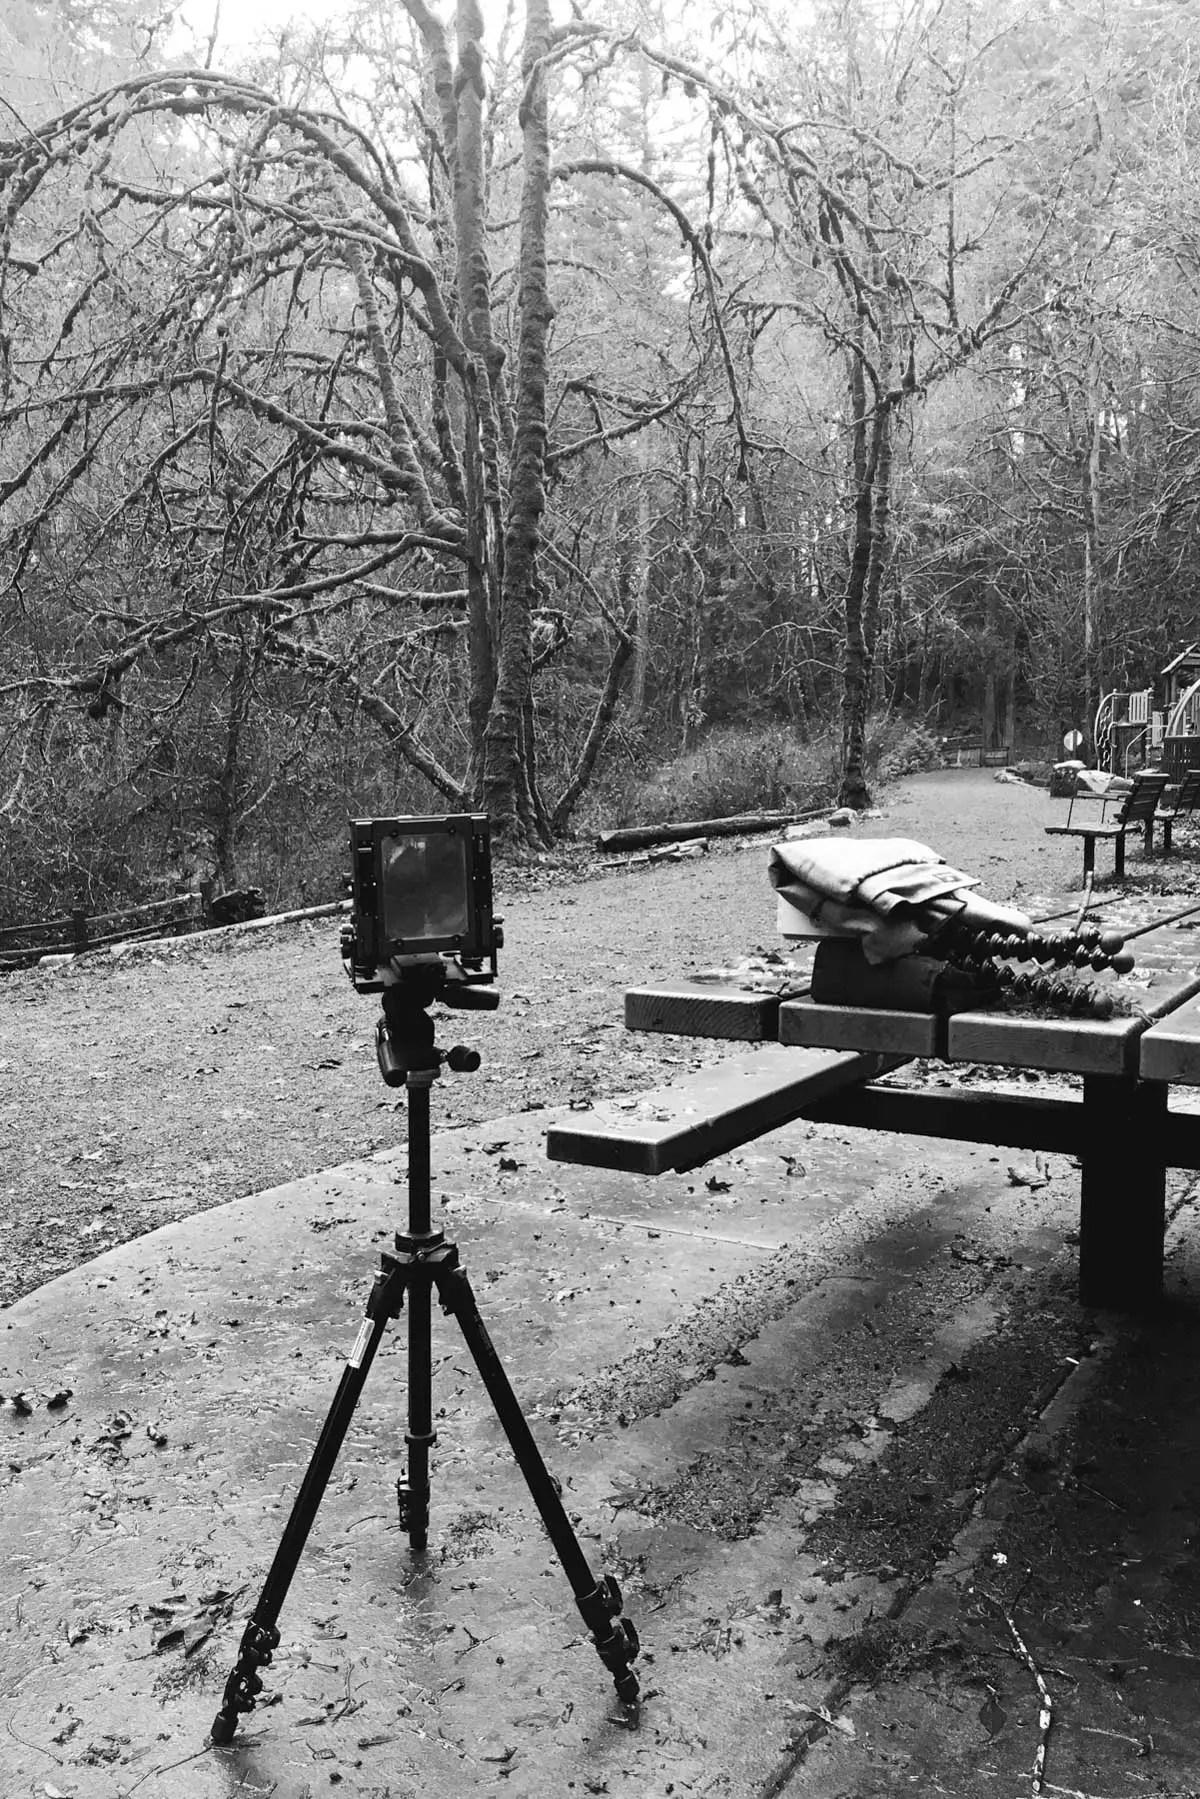 My Chamonix F-2 4x5 camera